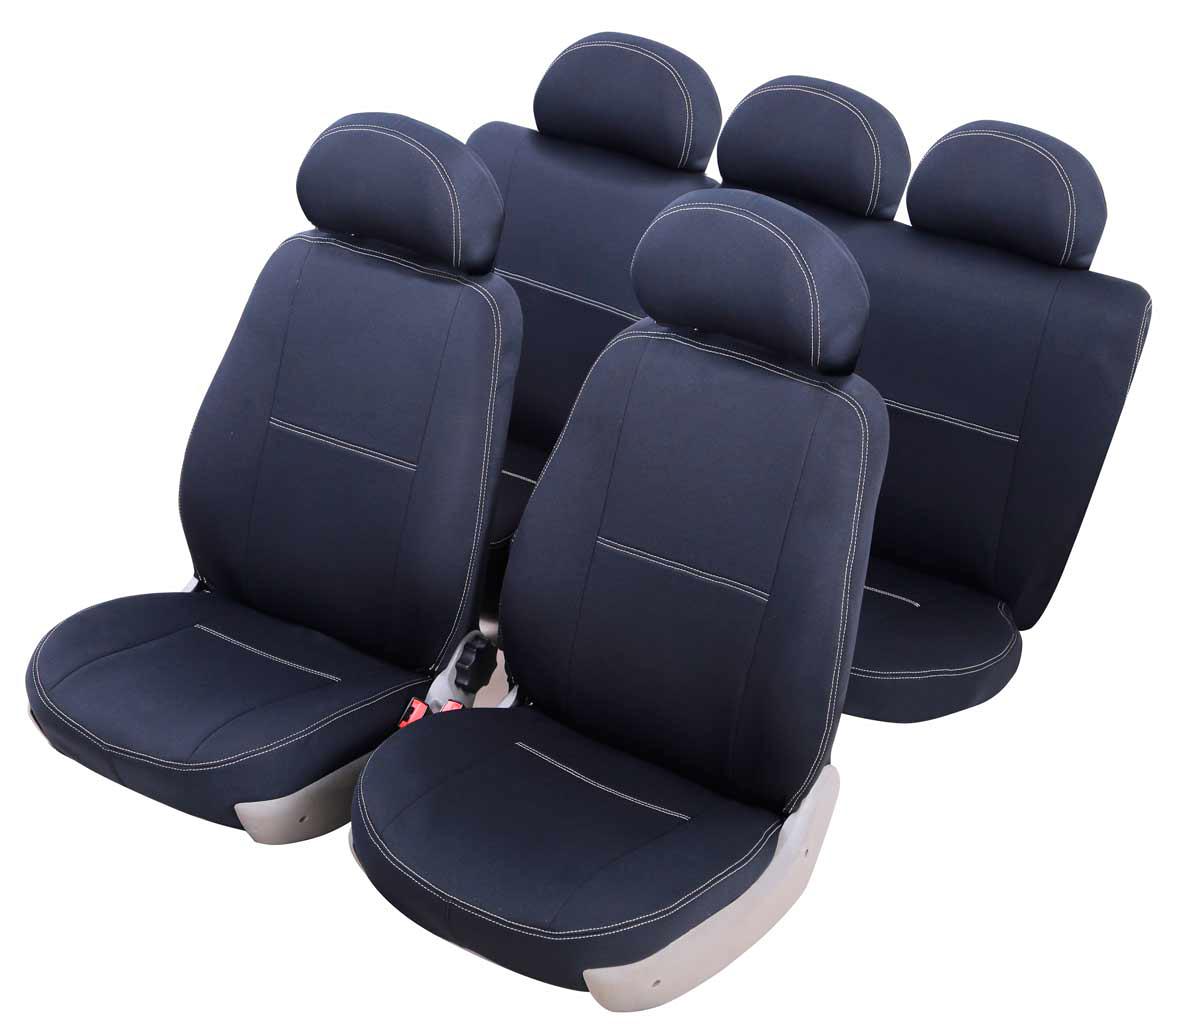 Чехлы на автокресло Azard Standard для Lada 2190 Гранта (2011-н.в), седан, слитный задний ряд54 009312Модельные чехлы из полиэстера Azard Standard. Разработаны в РФ индивидуально для каждого автомобиля.Чехлы Azard Standard серийно выпускаются на собственном швейном производстве в России.Чехлы идеально повторяют штатную форму сидений и выглядят как оригинальная обивка сидений. Для простоты установки используется липучка Velcro, учтены все технологические отверстия.Чехлы сохраняют полную функциональность салона - трансформация сидений, возможность установки детских кресел ISOFIX, не препятствуют работе подушек безопасности AIRBAG и подогрева сидений.Дизайн чехлов Azard Standard приближен к оригинальной обивке салона. Декоративная контрастная прострочка по периметру авточехлов придает стильный и изысканный внешний вид интерьеру автомобиля.Чехлы Azard Standard изготовлены из полиэстера, триплированного огнеупорным поролоном толщиной 3 мм, за счет чего чехол приобретает дополнительную мягкость. Подложка из спандбонда сохраняет свойства поролона и предотвращает его разрушение.Авточехлы Azard Standard просты в уходе - загрязнения легко удаляются влажной тканью.